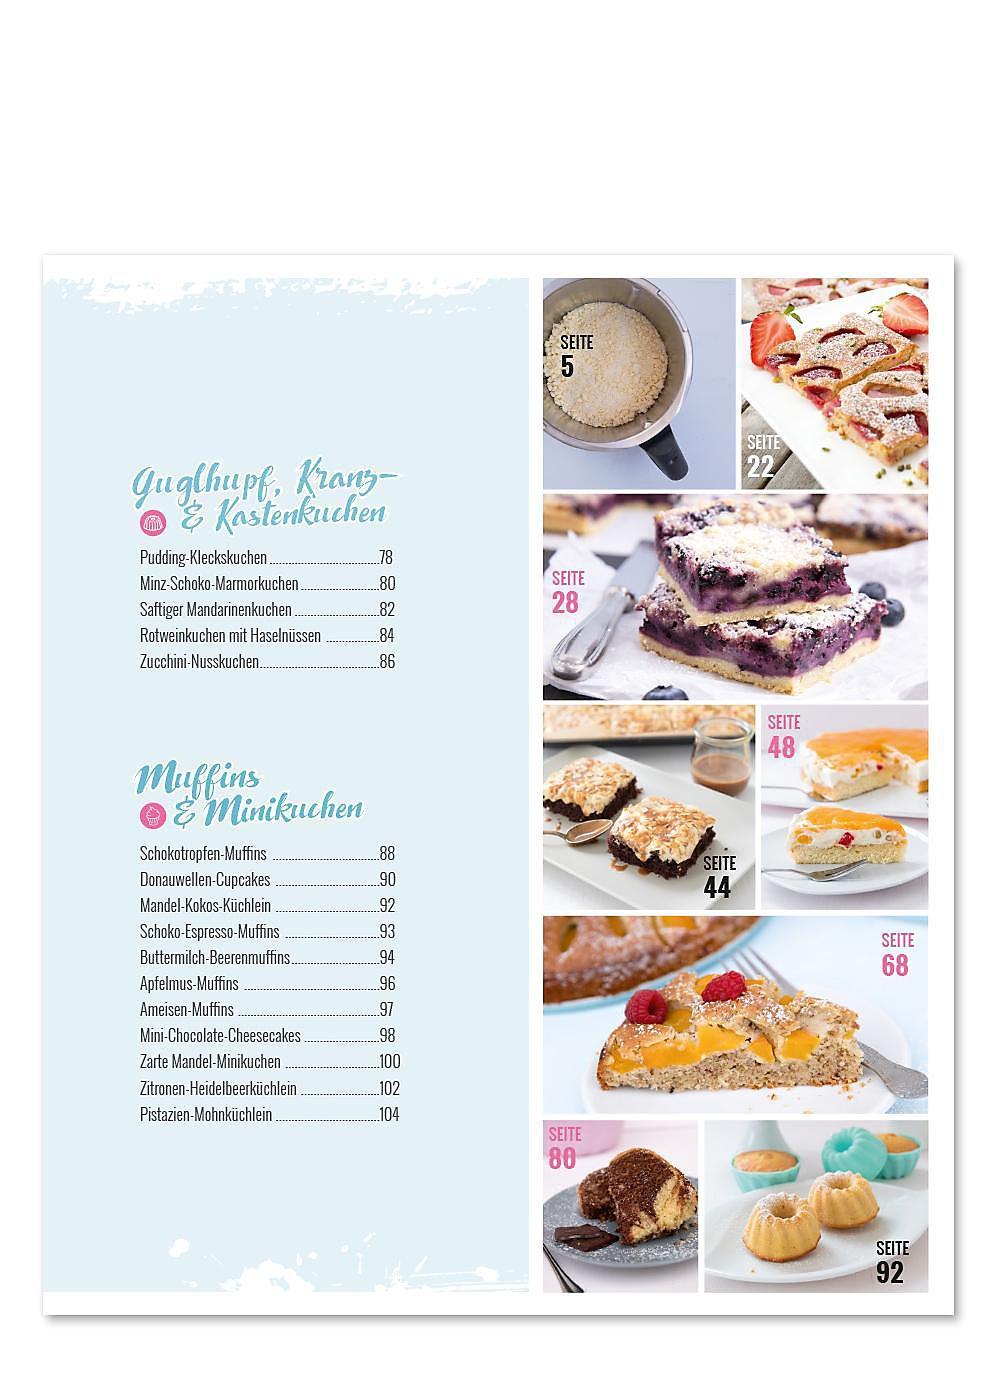 Ratz Fatz Kuchen Buch Von Corinna Wild Portofrei Bei Weltbild De